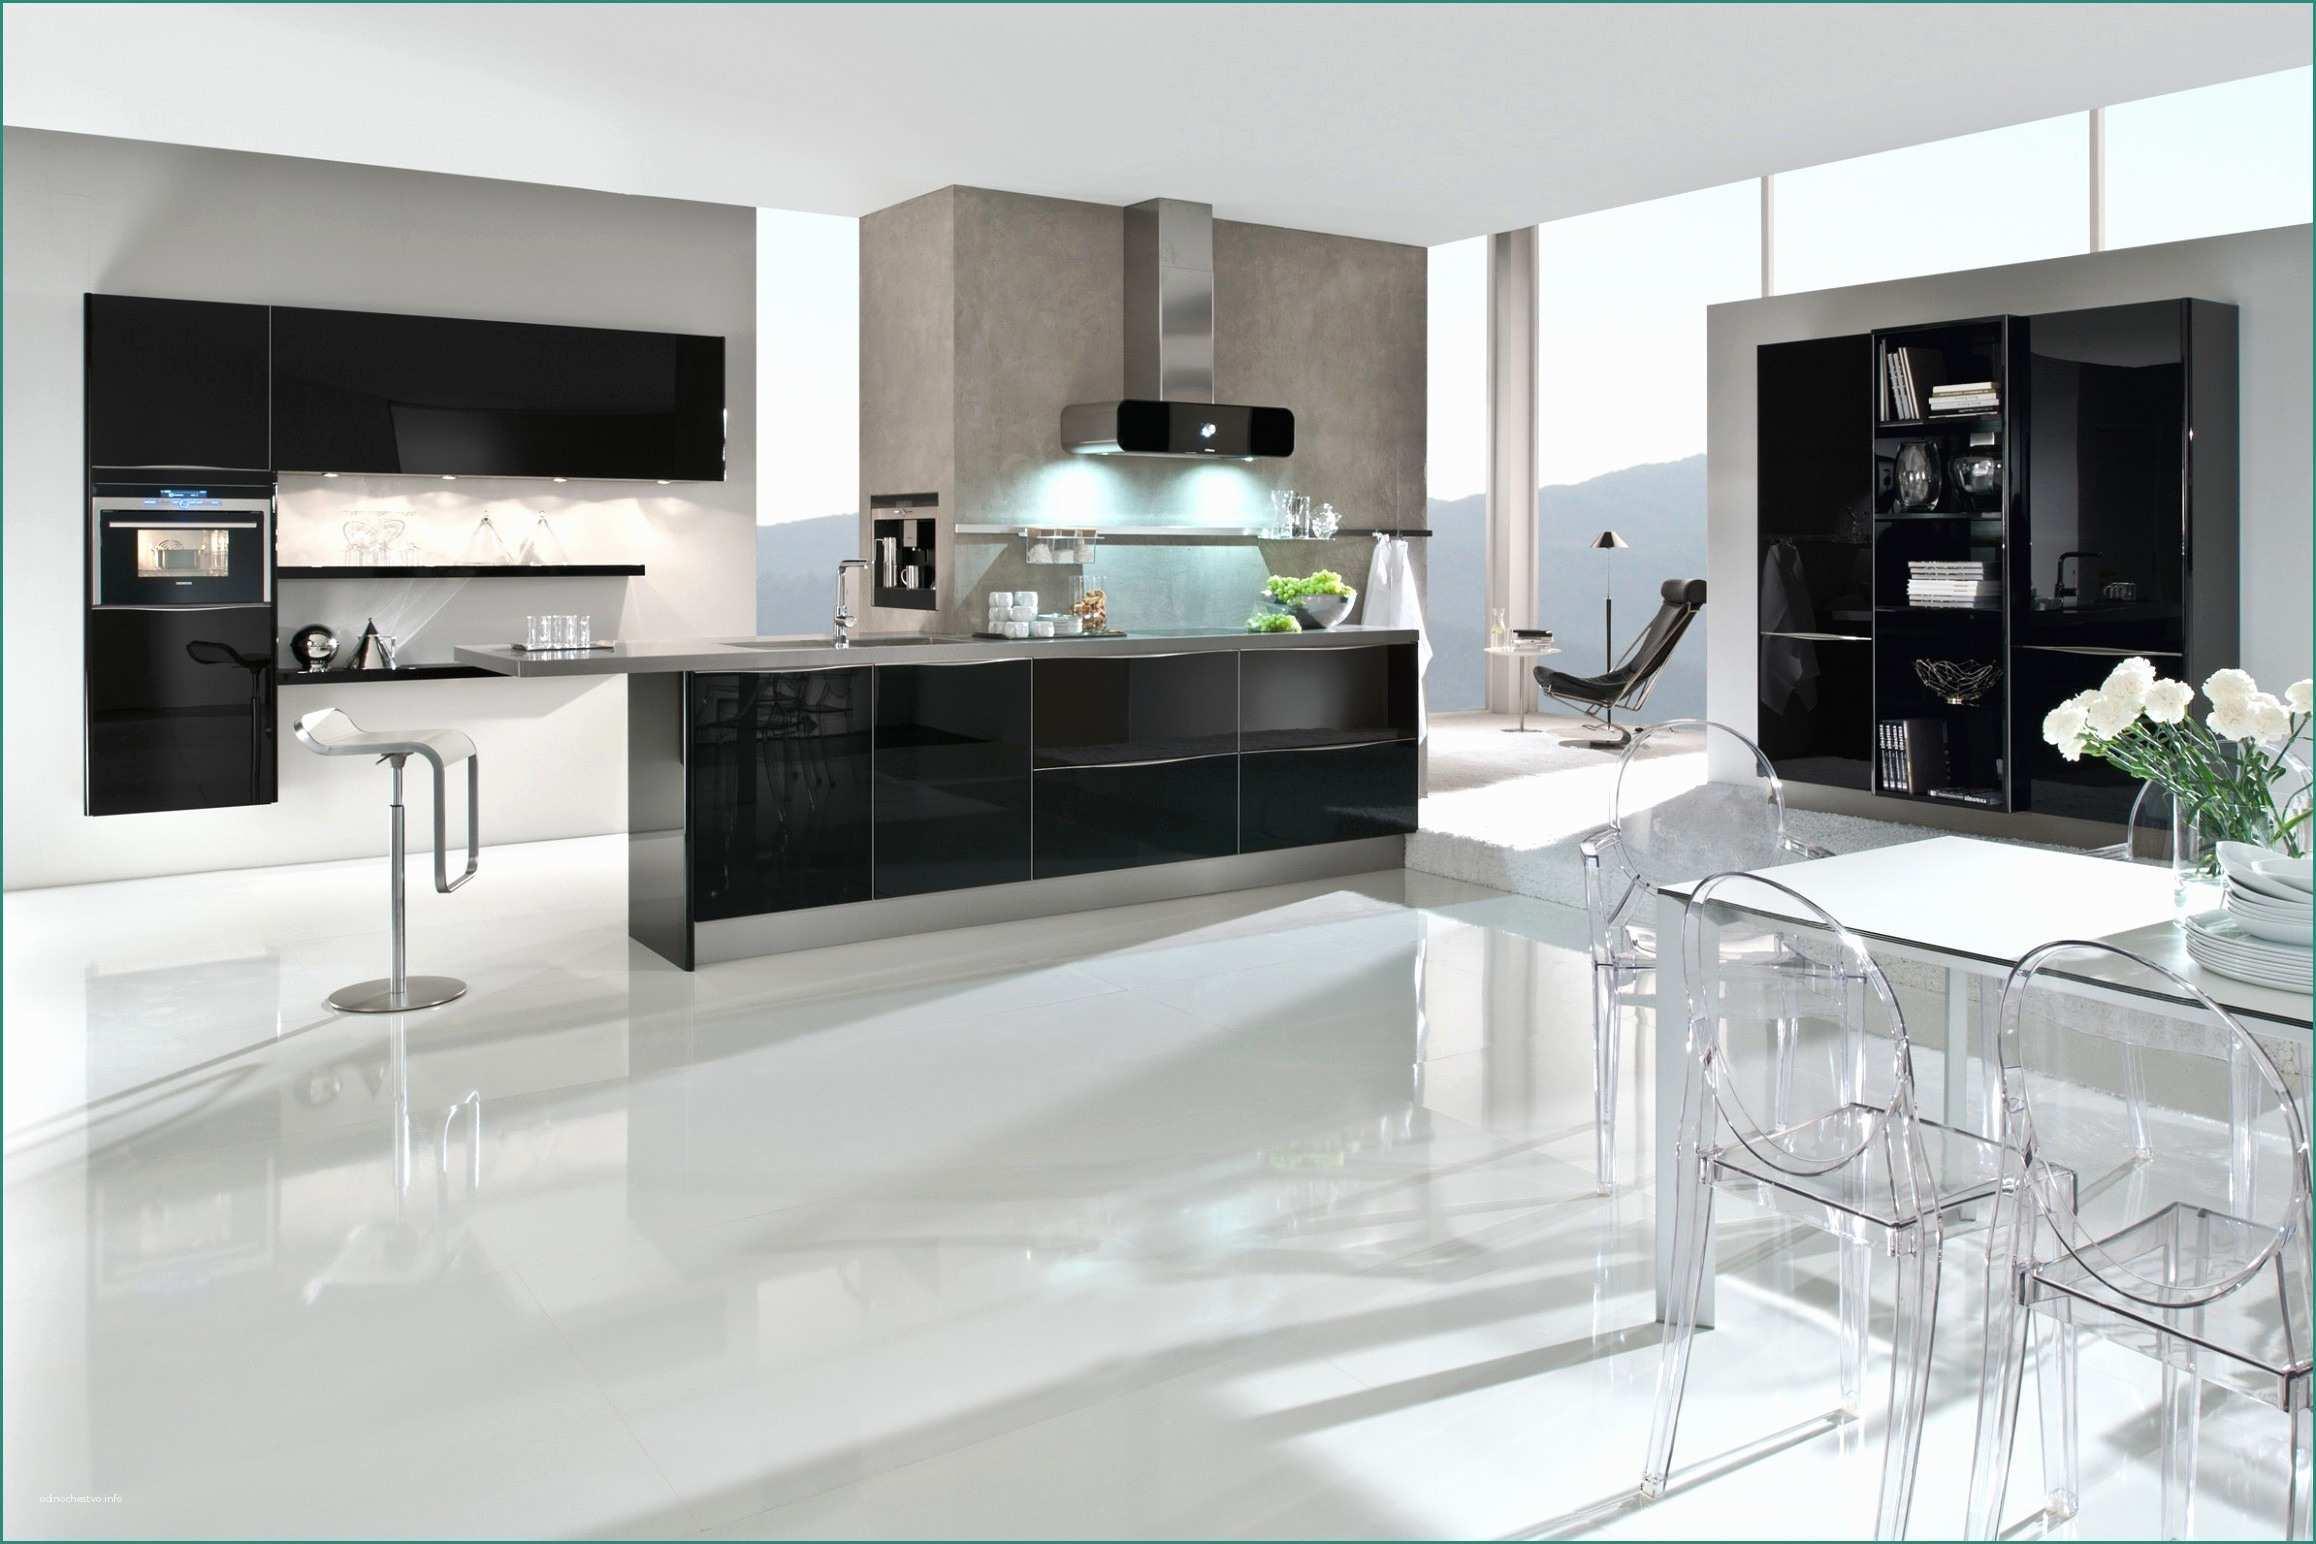 Full Size of Nobilia Preisliste Preise Kchen Und Fronten Küche Einbauküche Wohnzimmer Nobilia Preisliste